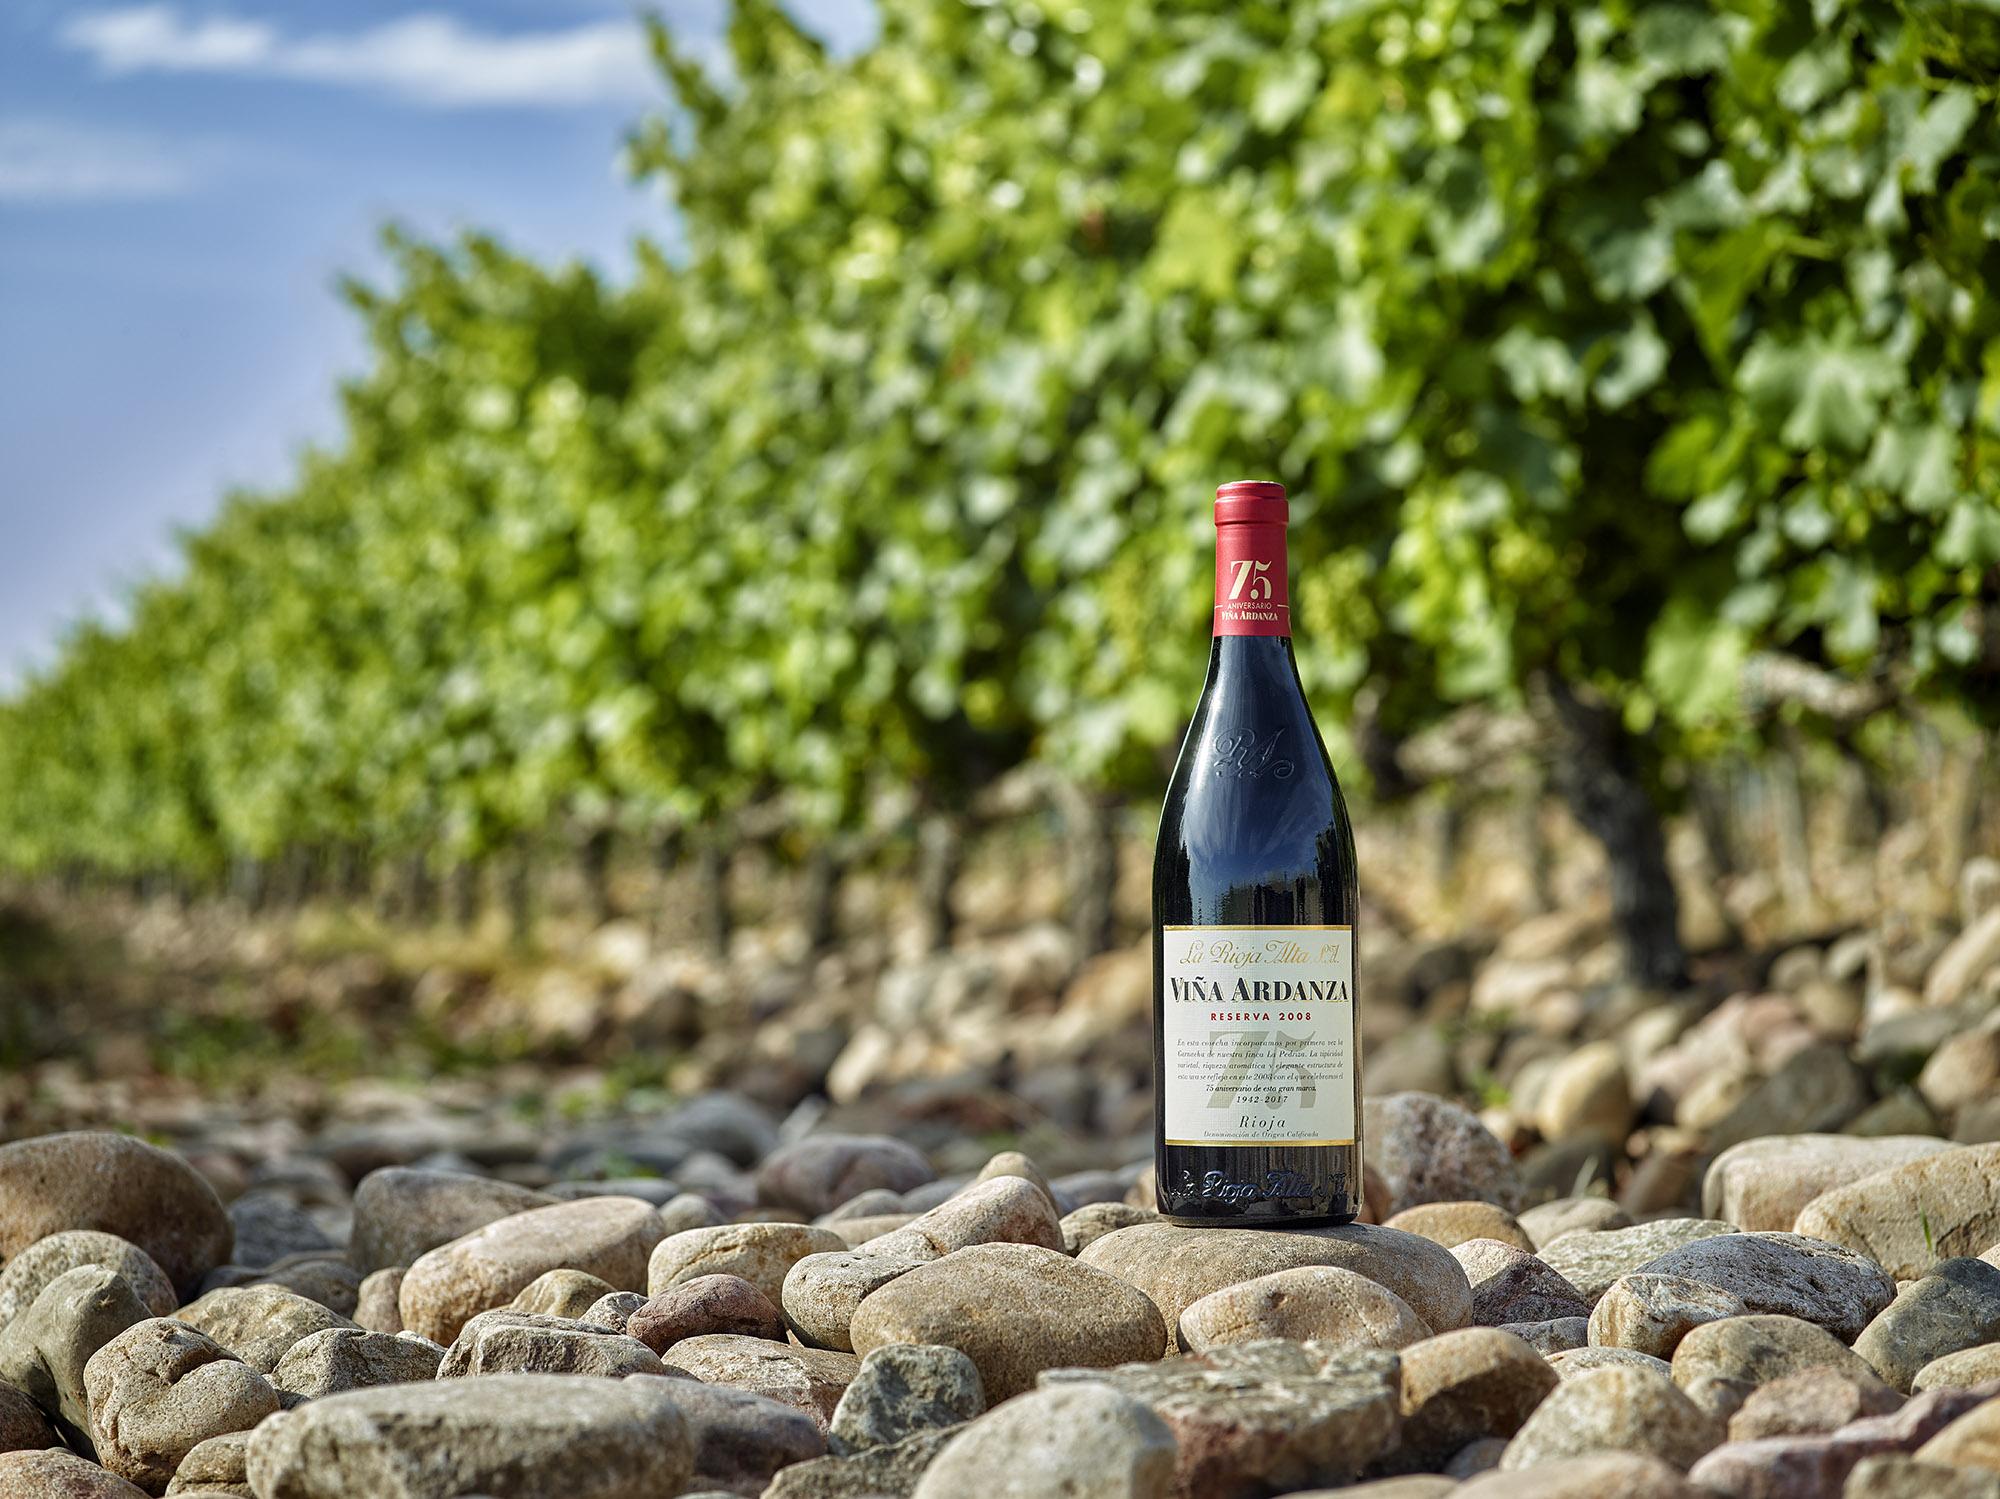 viña andanza Rioja alta Rioja Alavesa vino wine botella producto estudio Hasselblad phase one